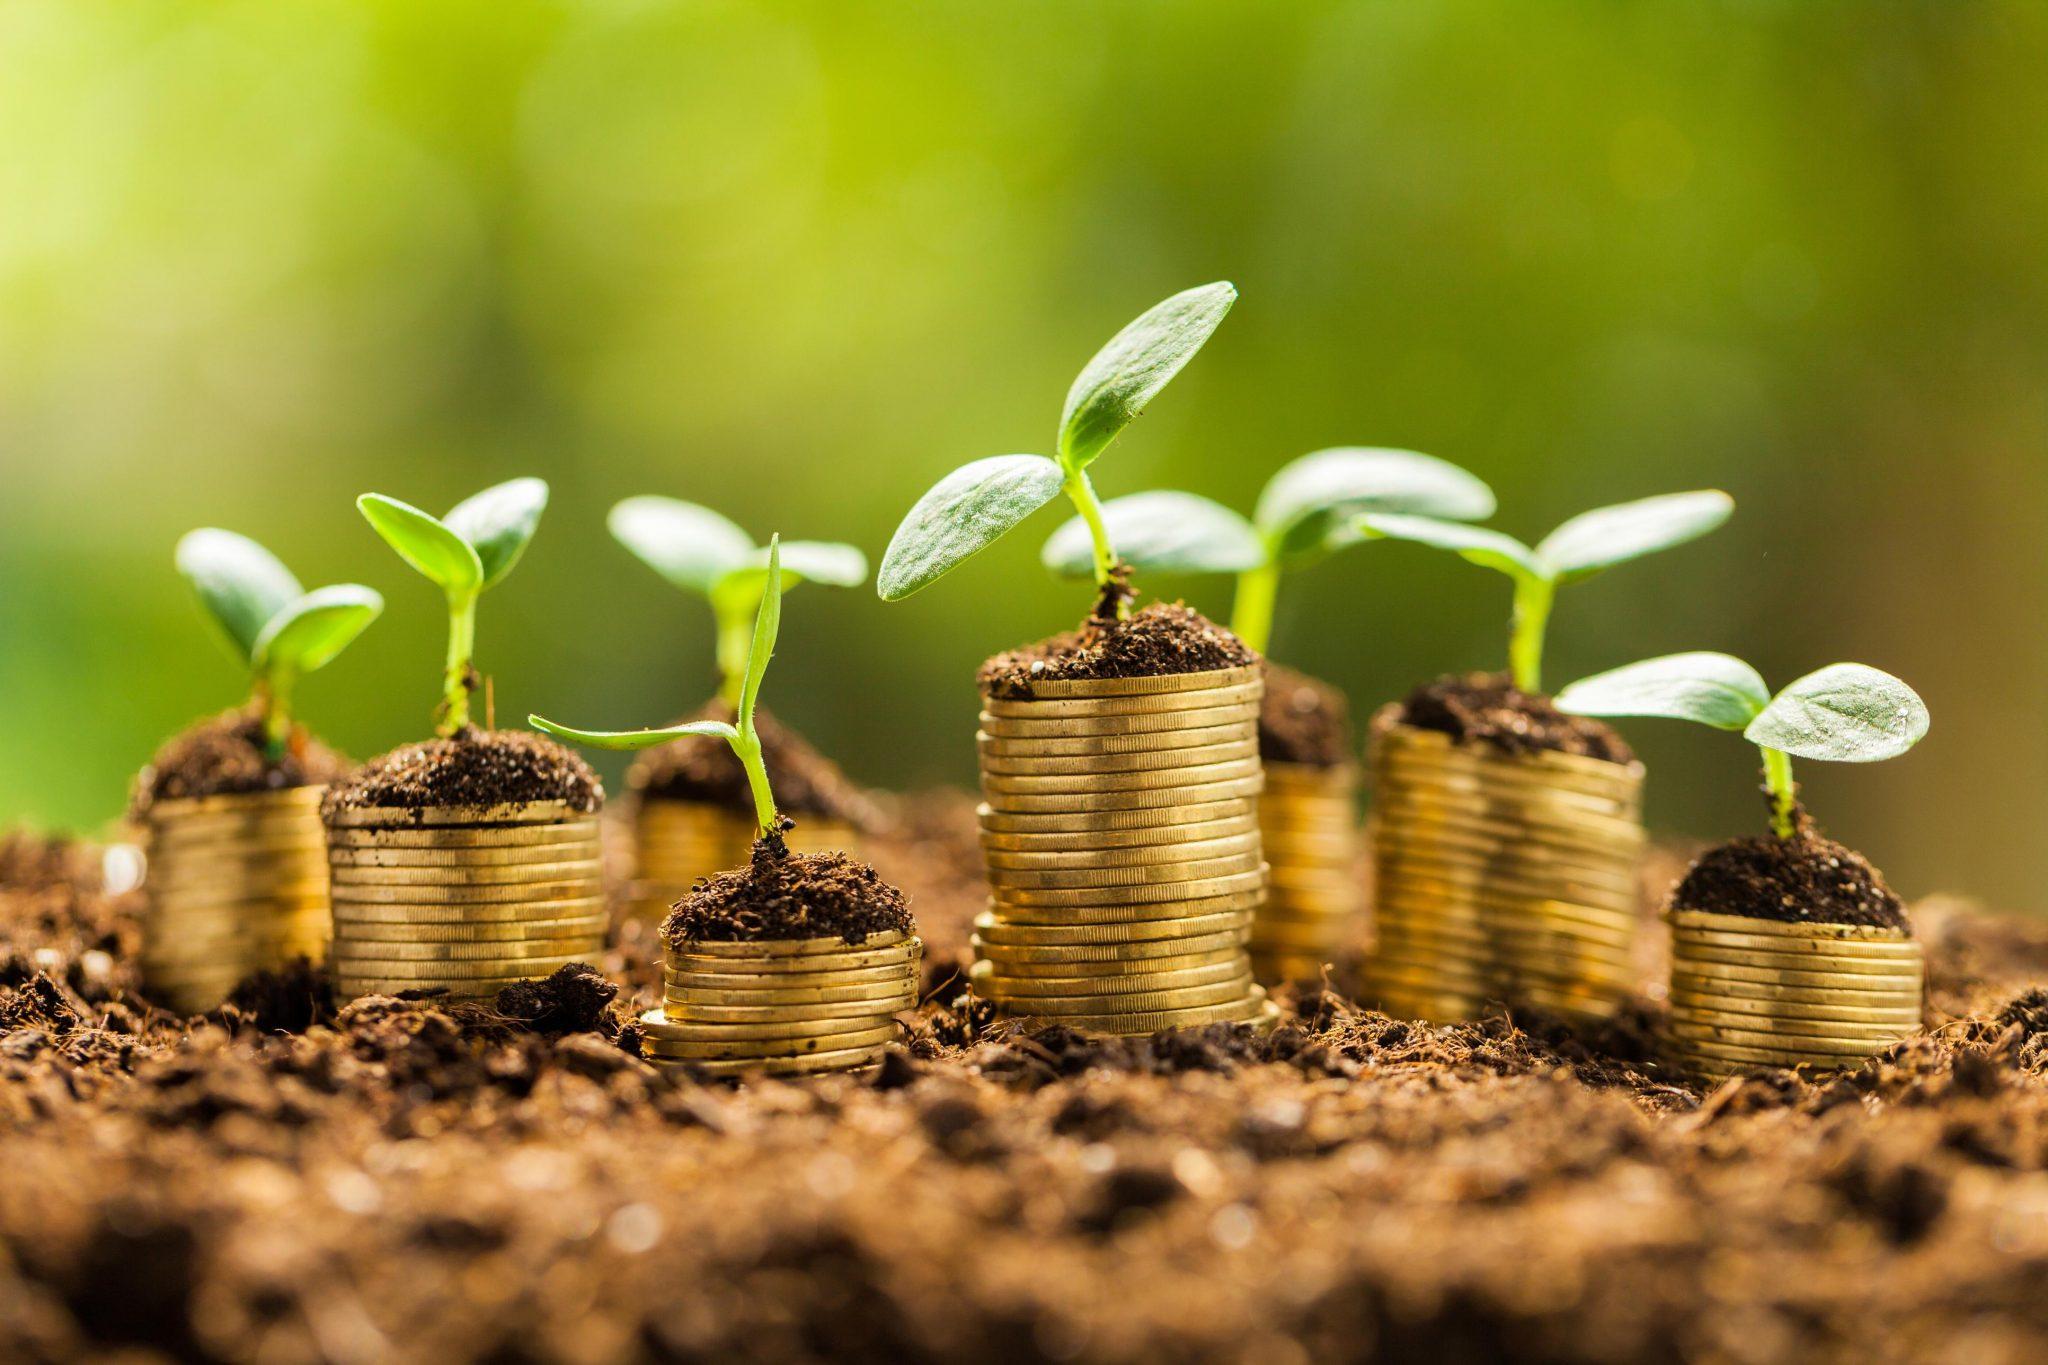 Топ-5 идей для получения пассивного дохода при минимальных вложениях